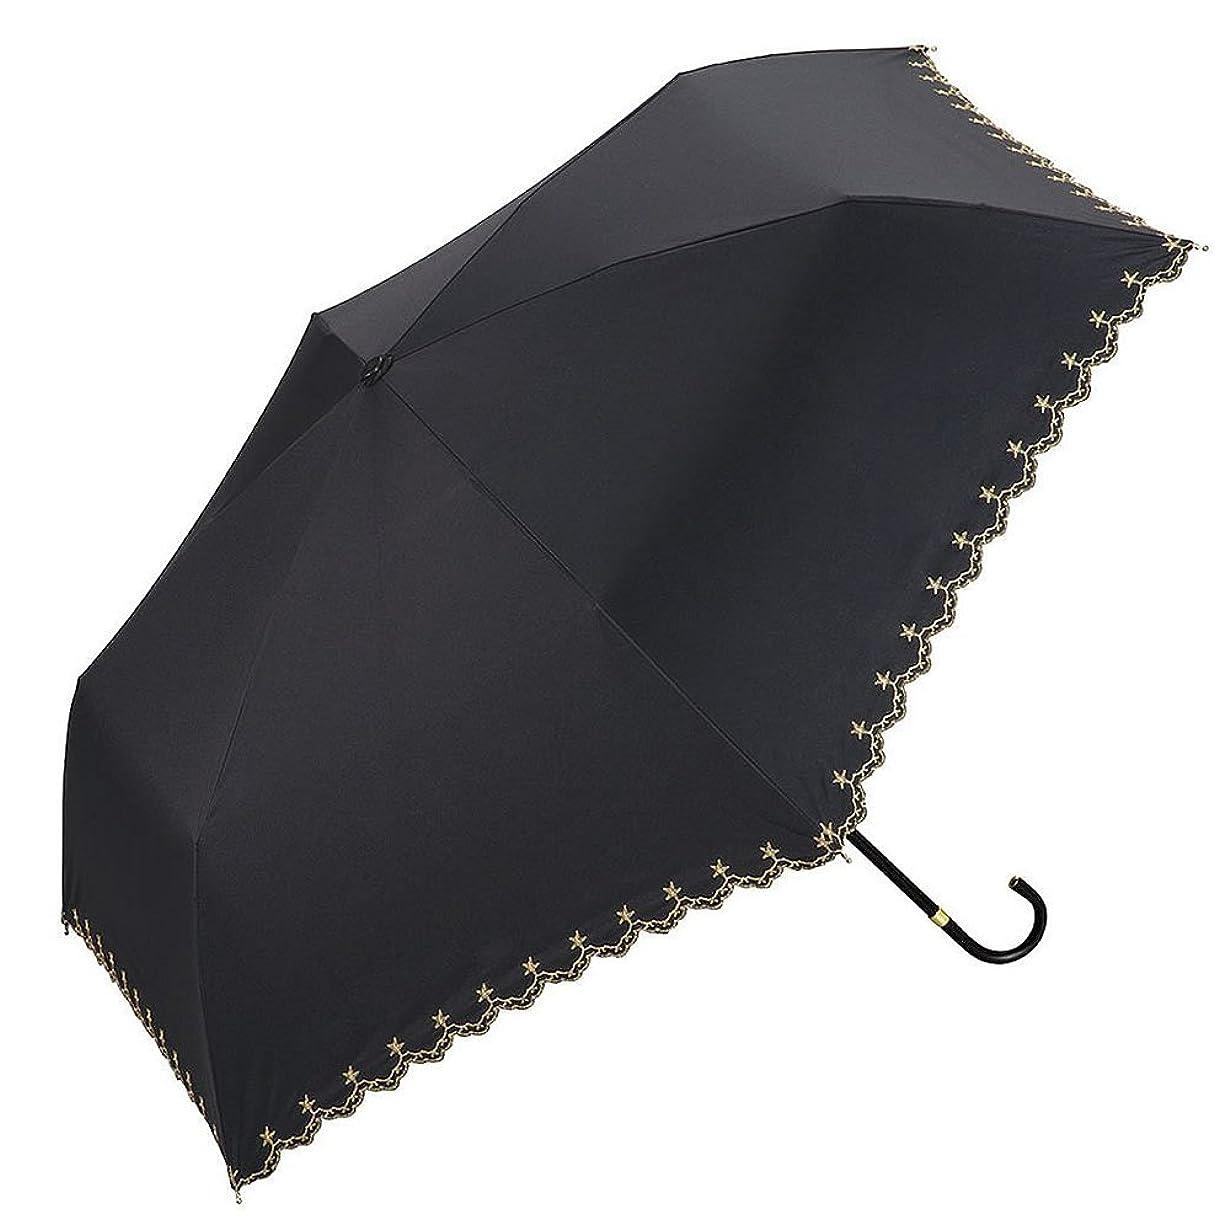 逃げるあいまいなプレビューw.p.c 折りたたみ 日傘 晴雨兼用 UVカット 50cm 遮光